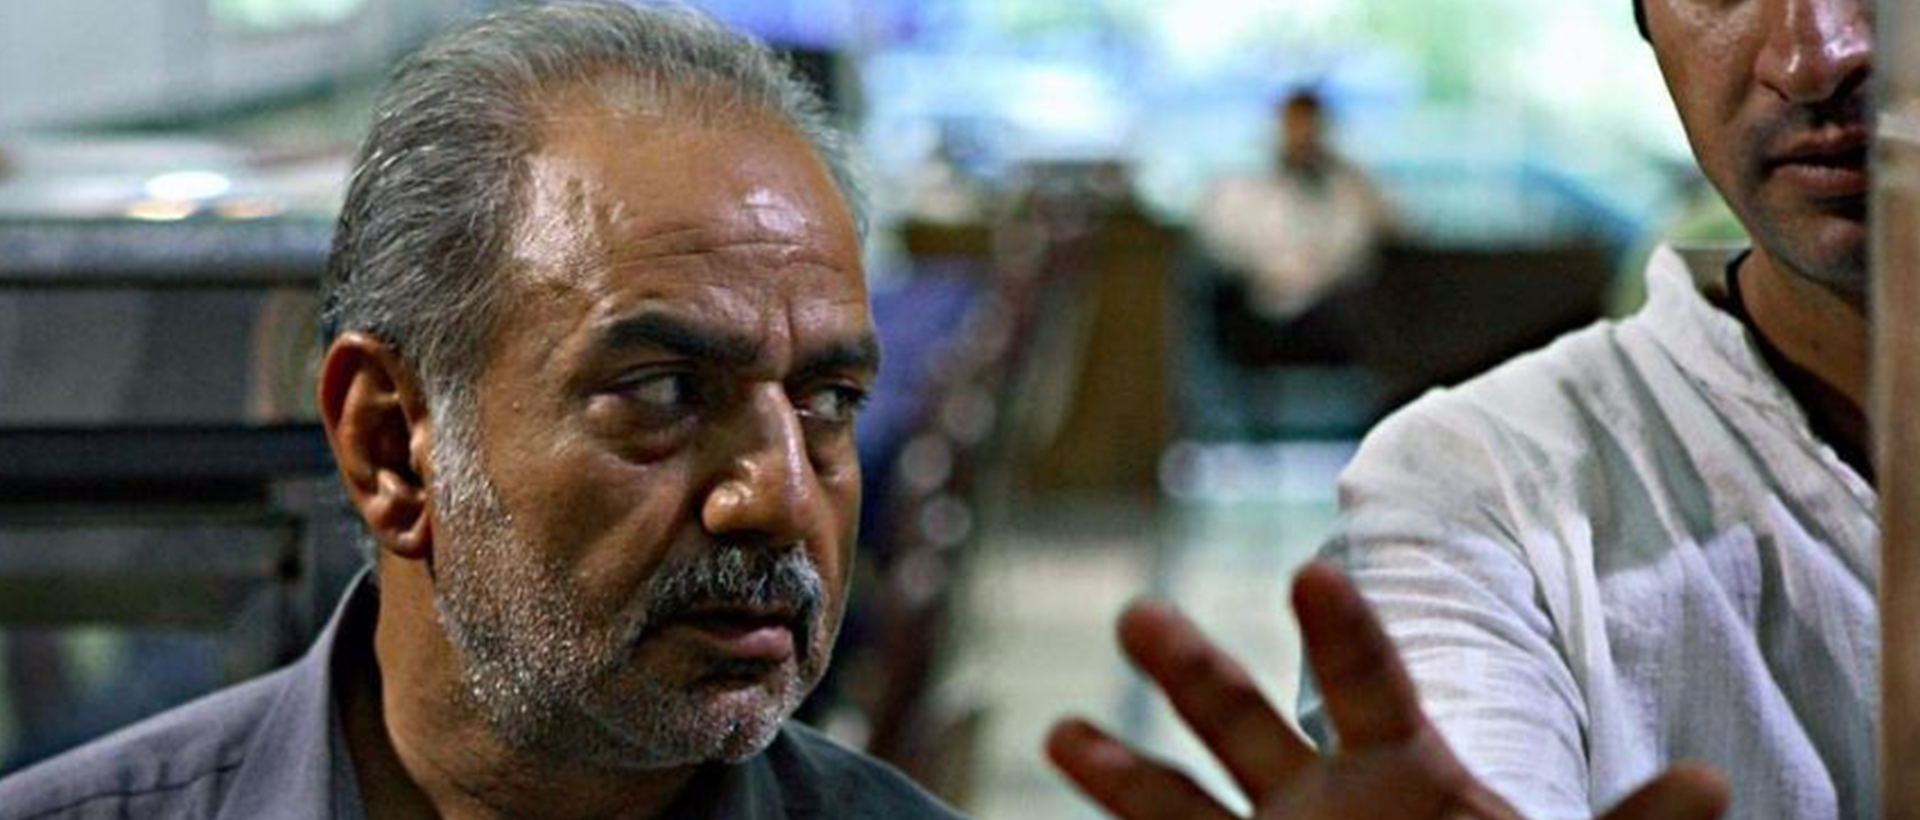 گفتگوی اکبر نبوی با پرویز پرستویی